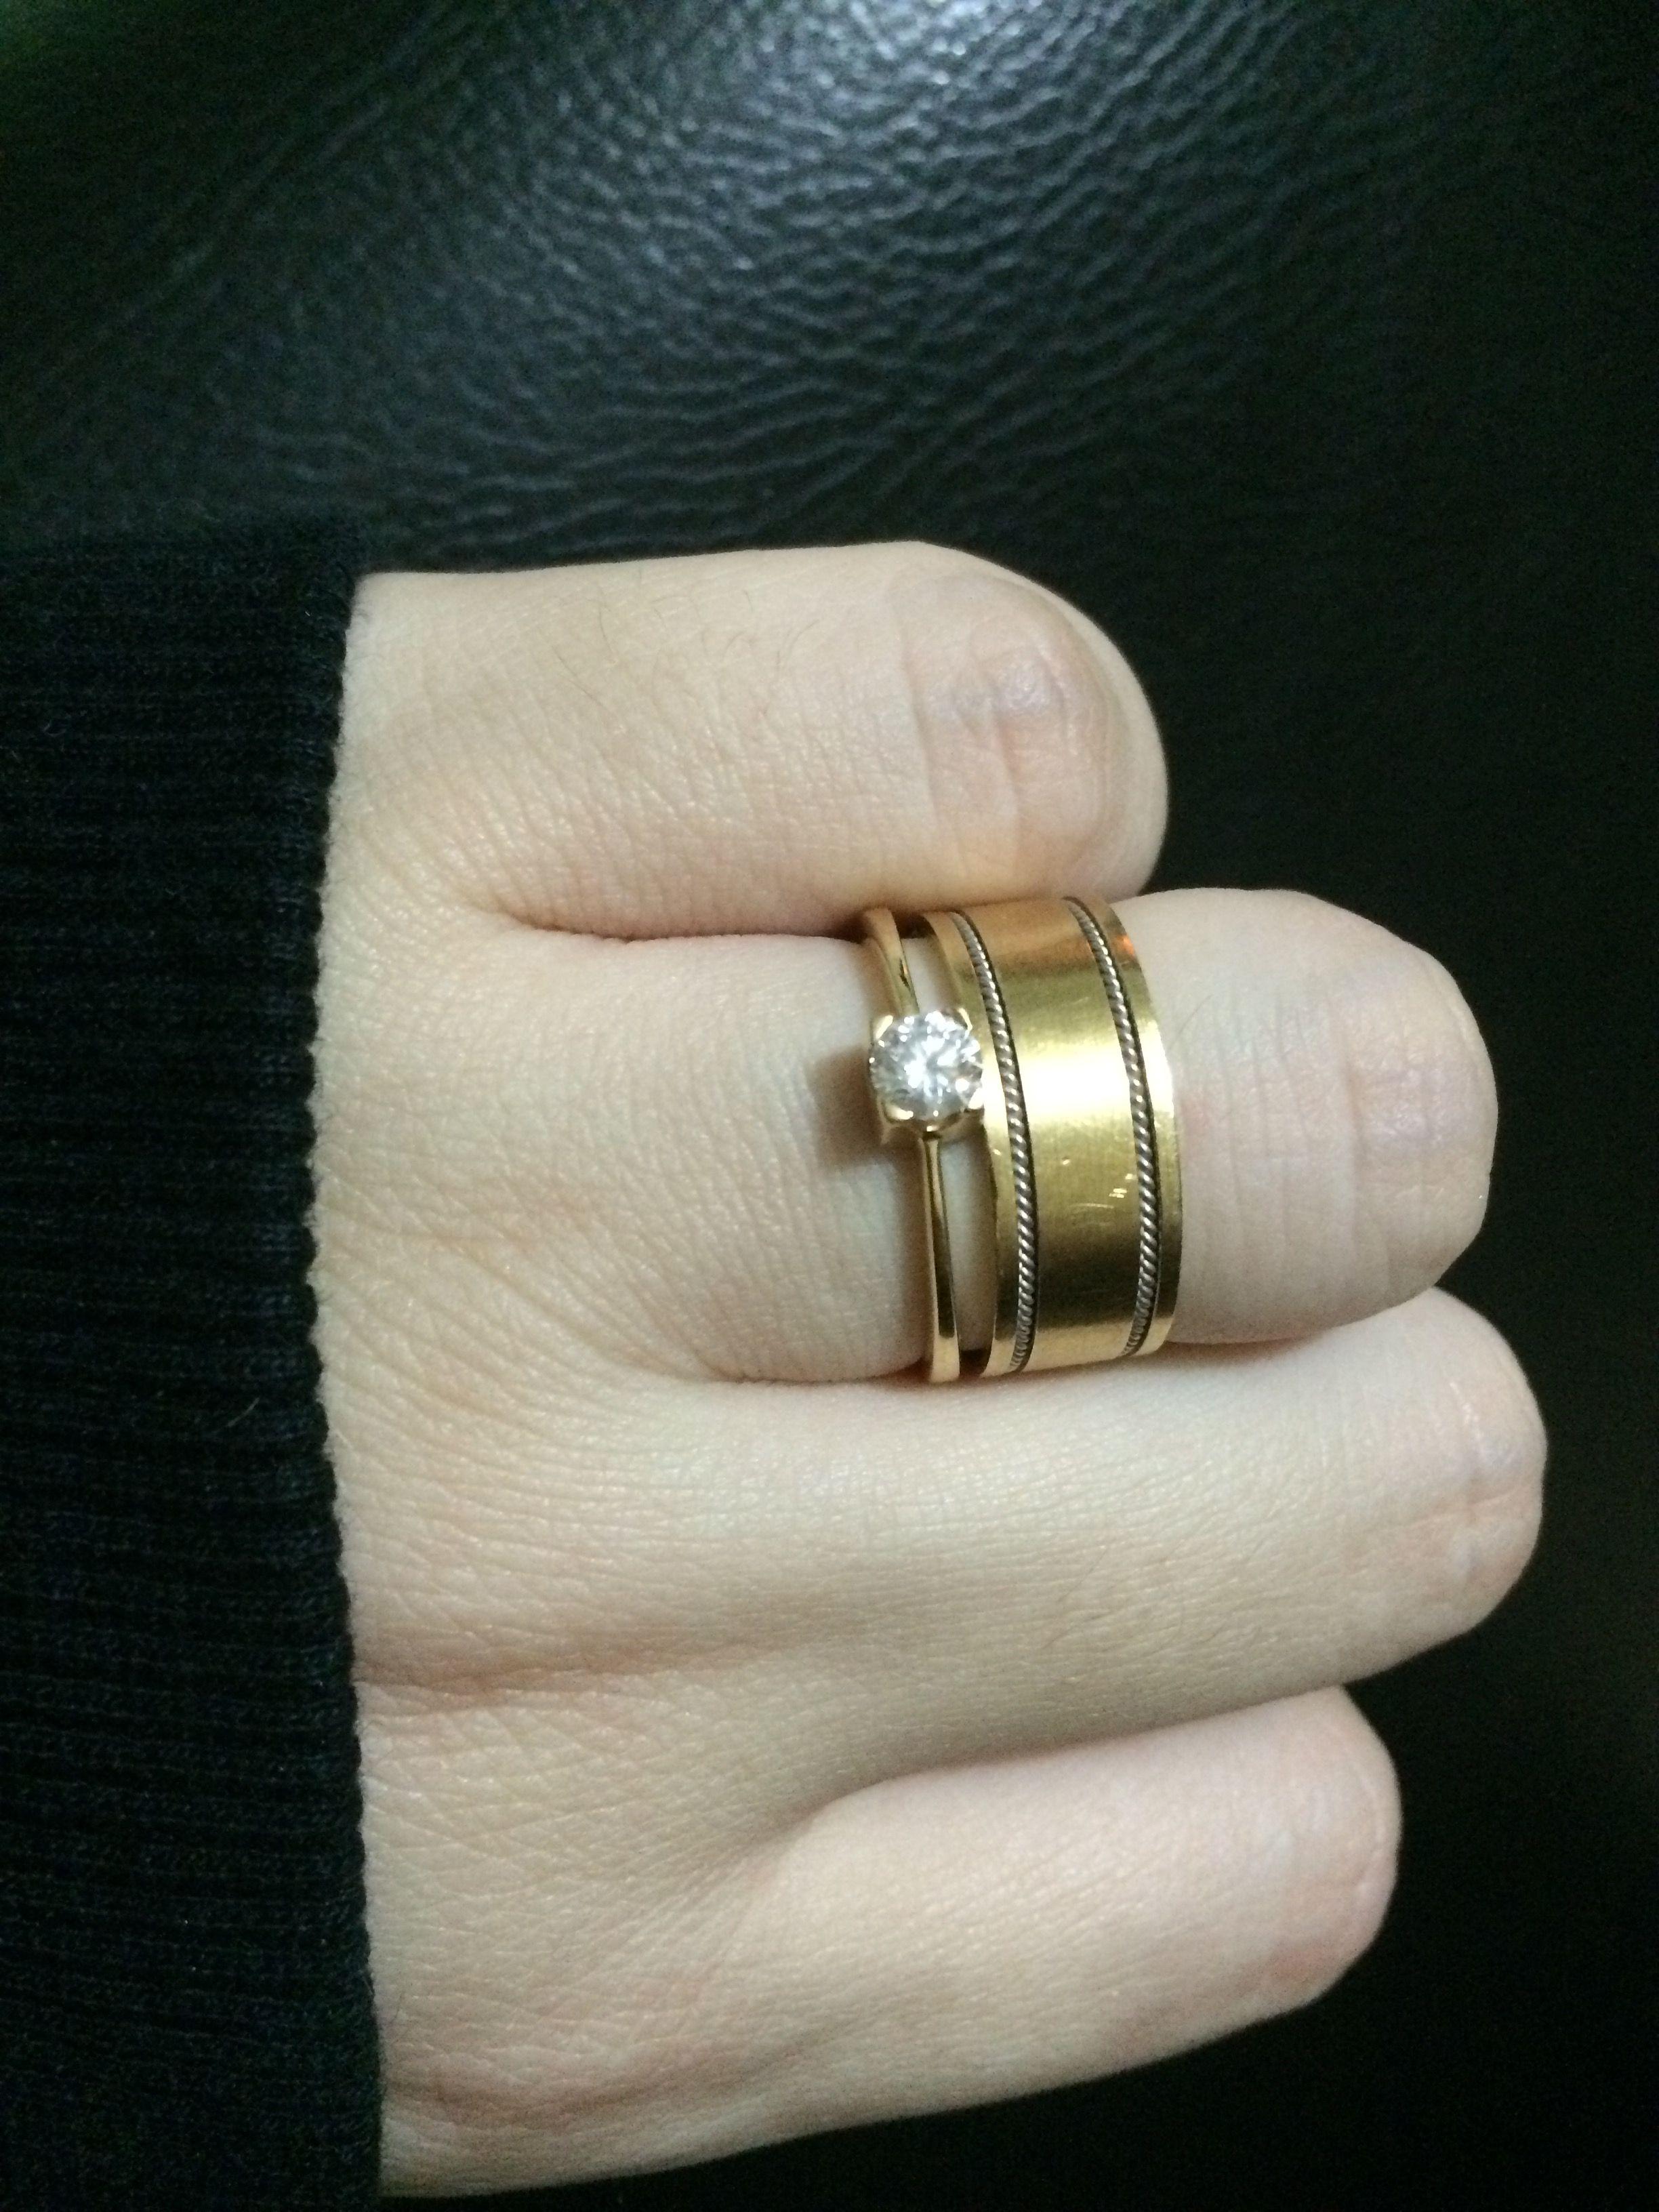 Solitário, gold, ouro, aliança, diamond